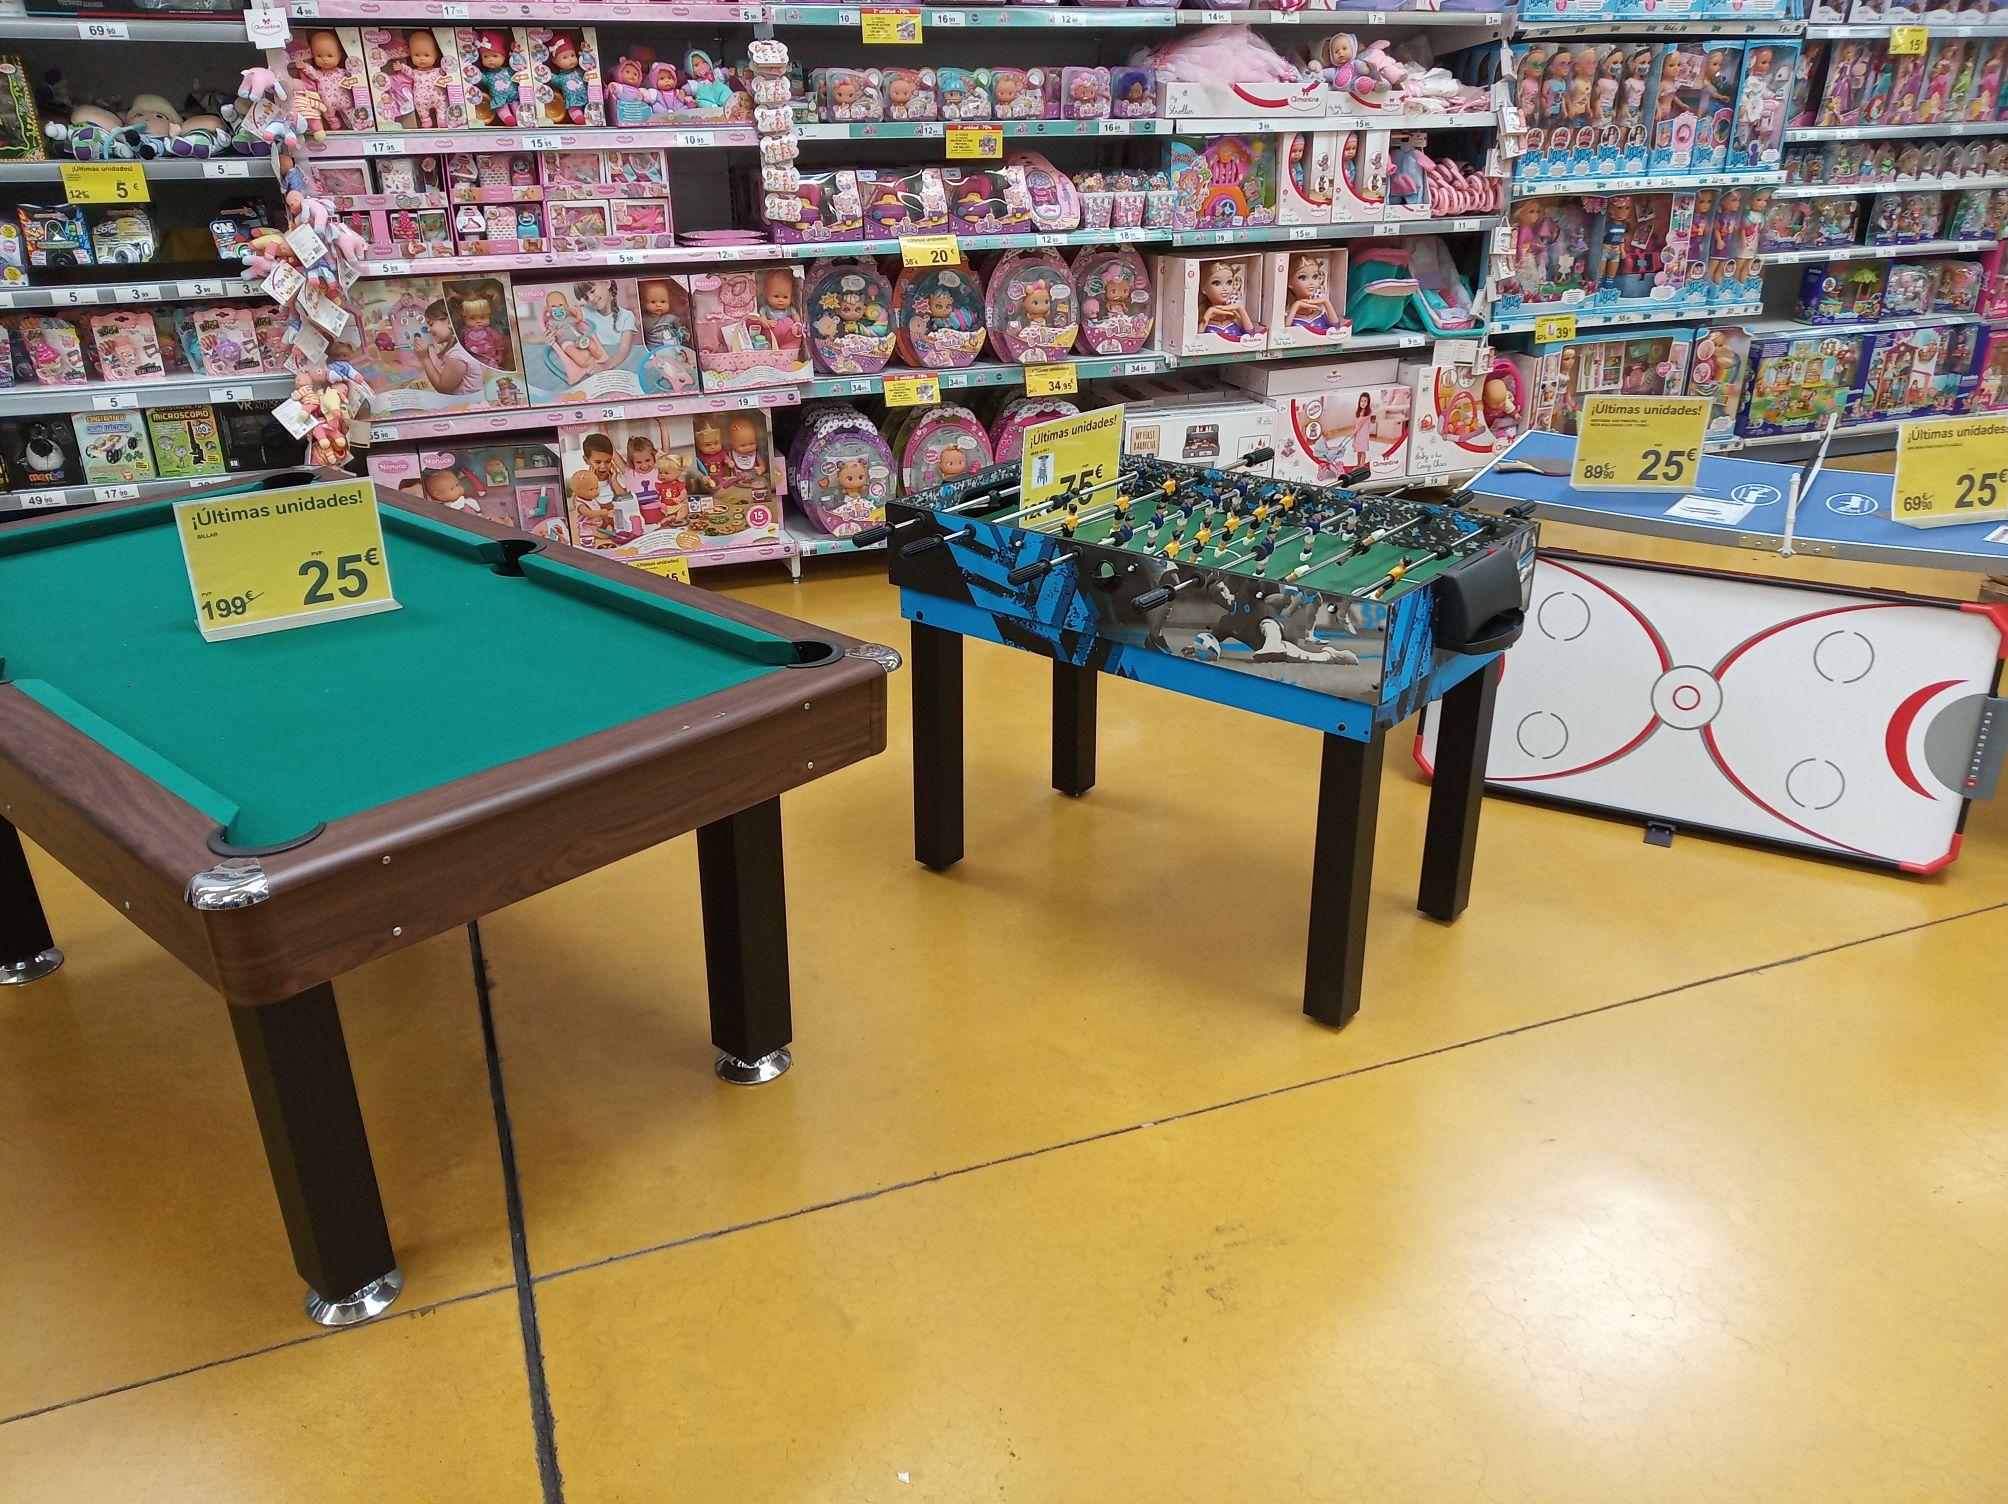 Billar, futbolín y mesa Ping pong en Carrefour la calzada